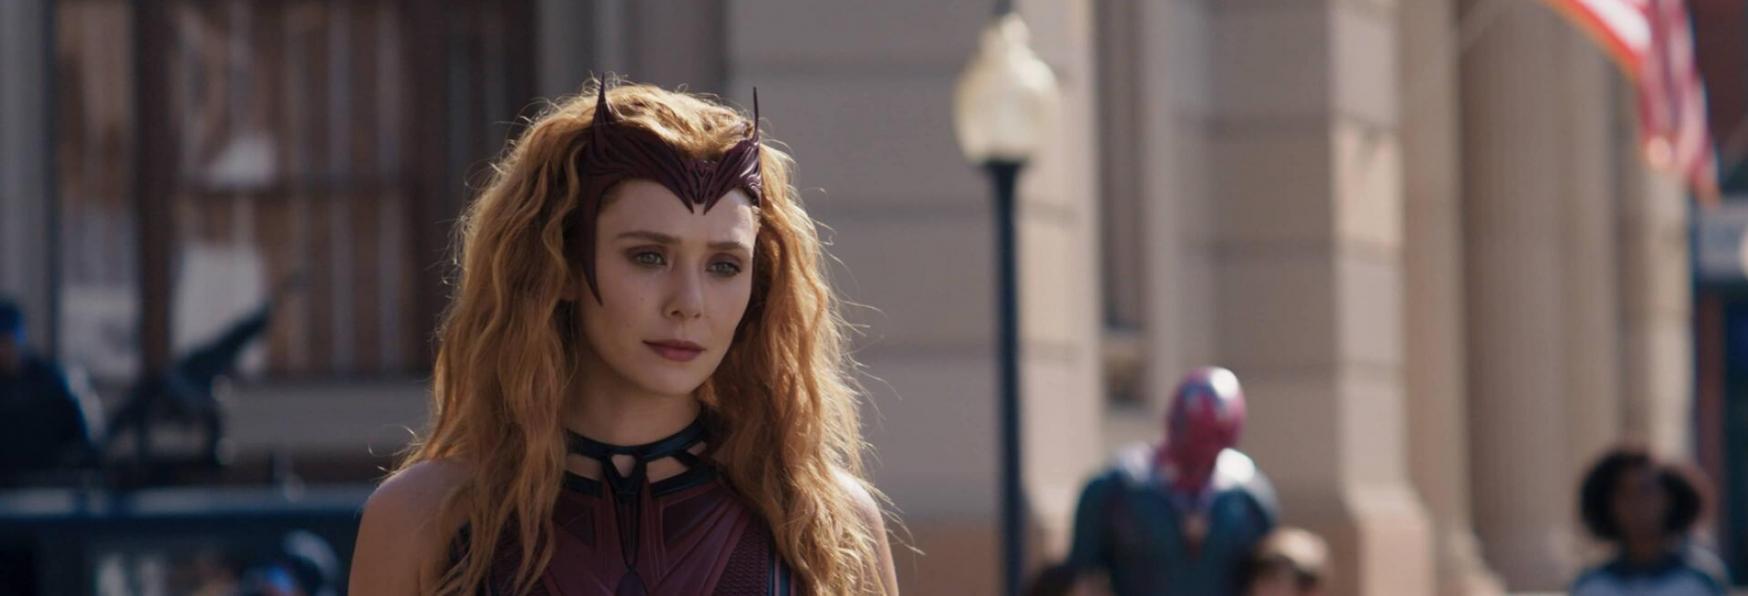 Elizabeth Olsen (WandaVision) si schiera con Scarlett Johansson per la Vicenda sulla Violazione del Contratto Disney